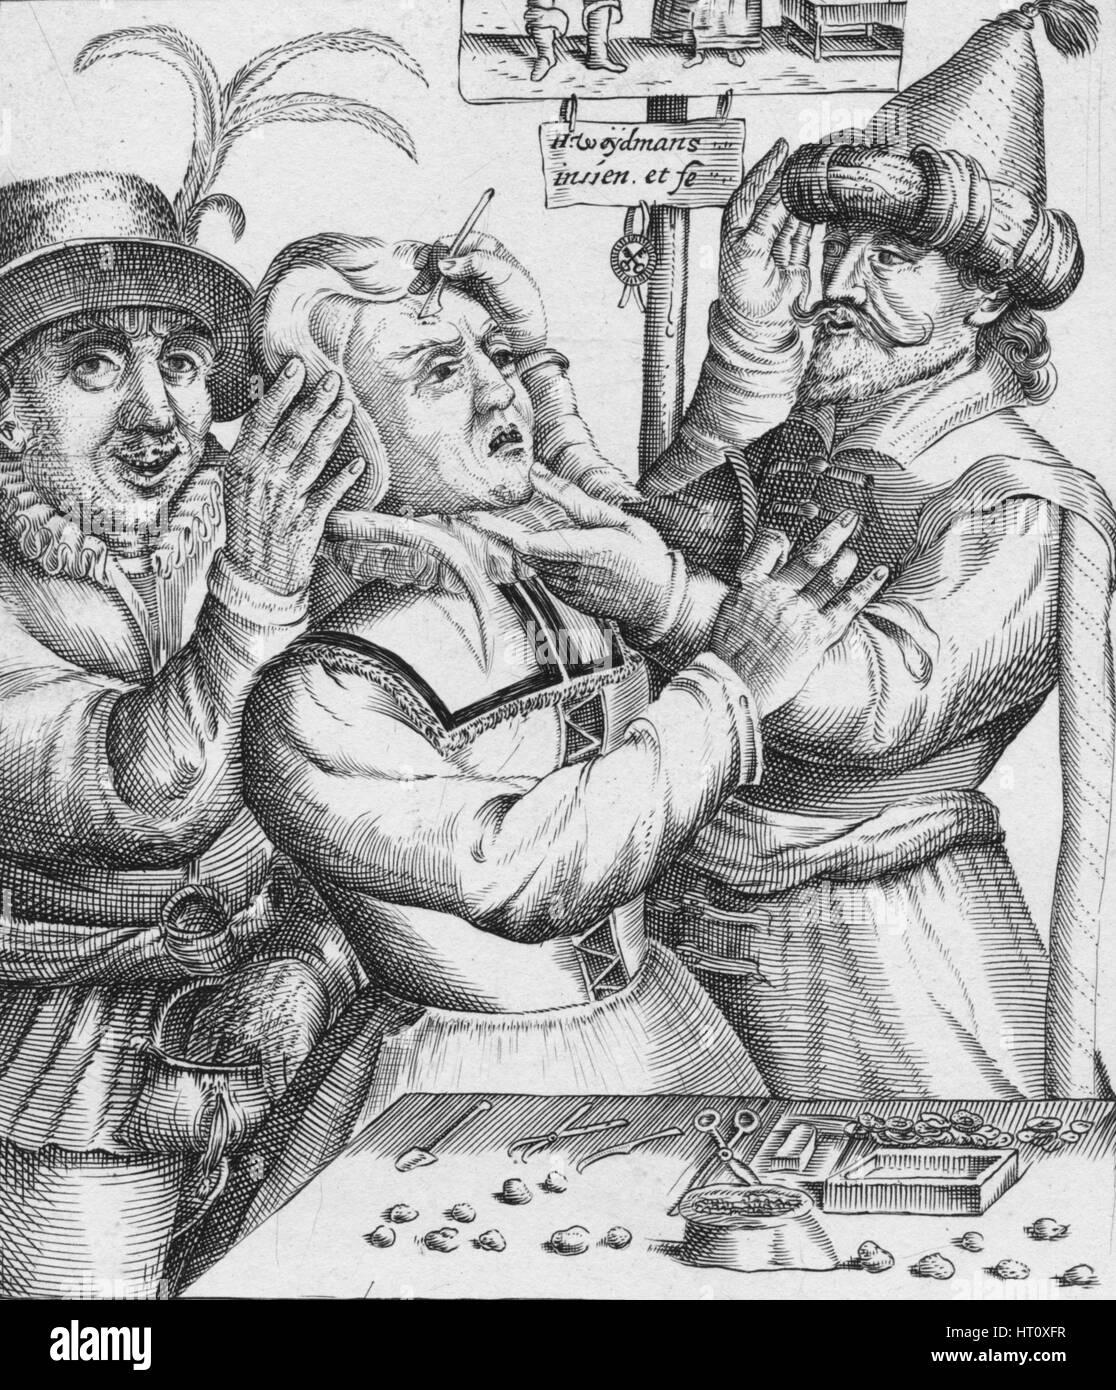 'Loopt Loopt Met Groot Verblyden,, Hier Salmen twyf van Lije Snyden', 17th century. Artist: HW Weydman. - Stock Image